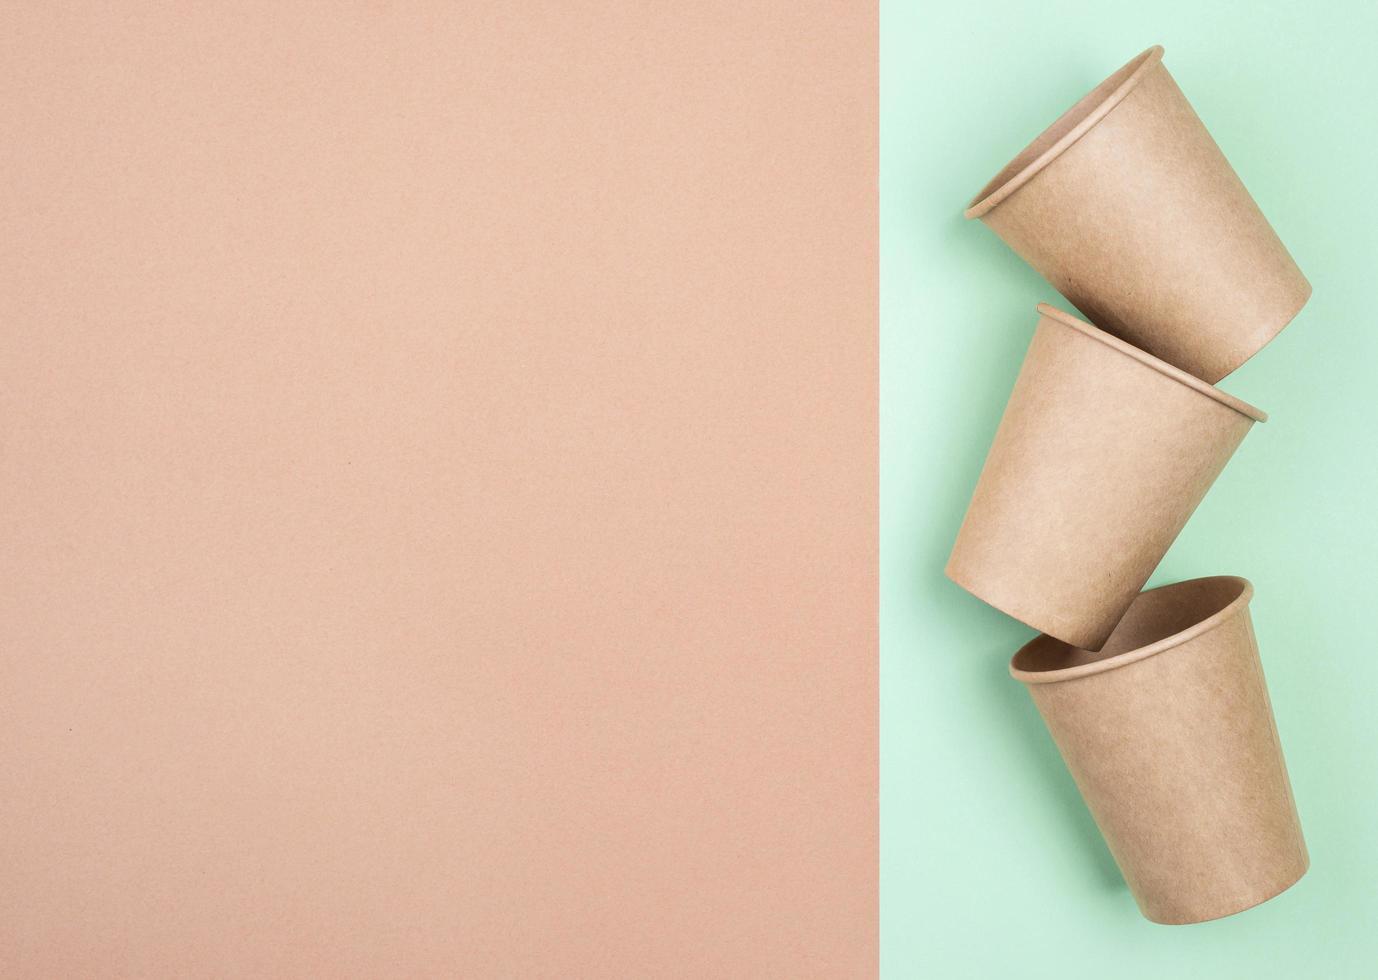 bruna pappersmuggar och kopieringsutrymme foto